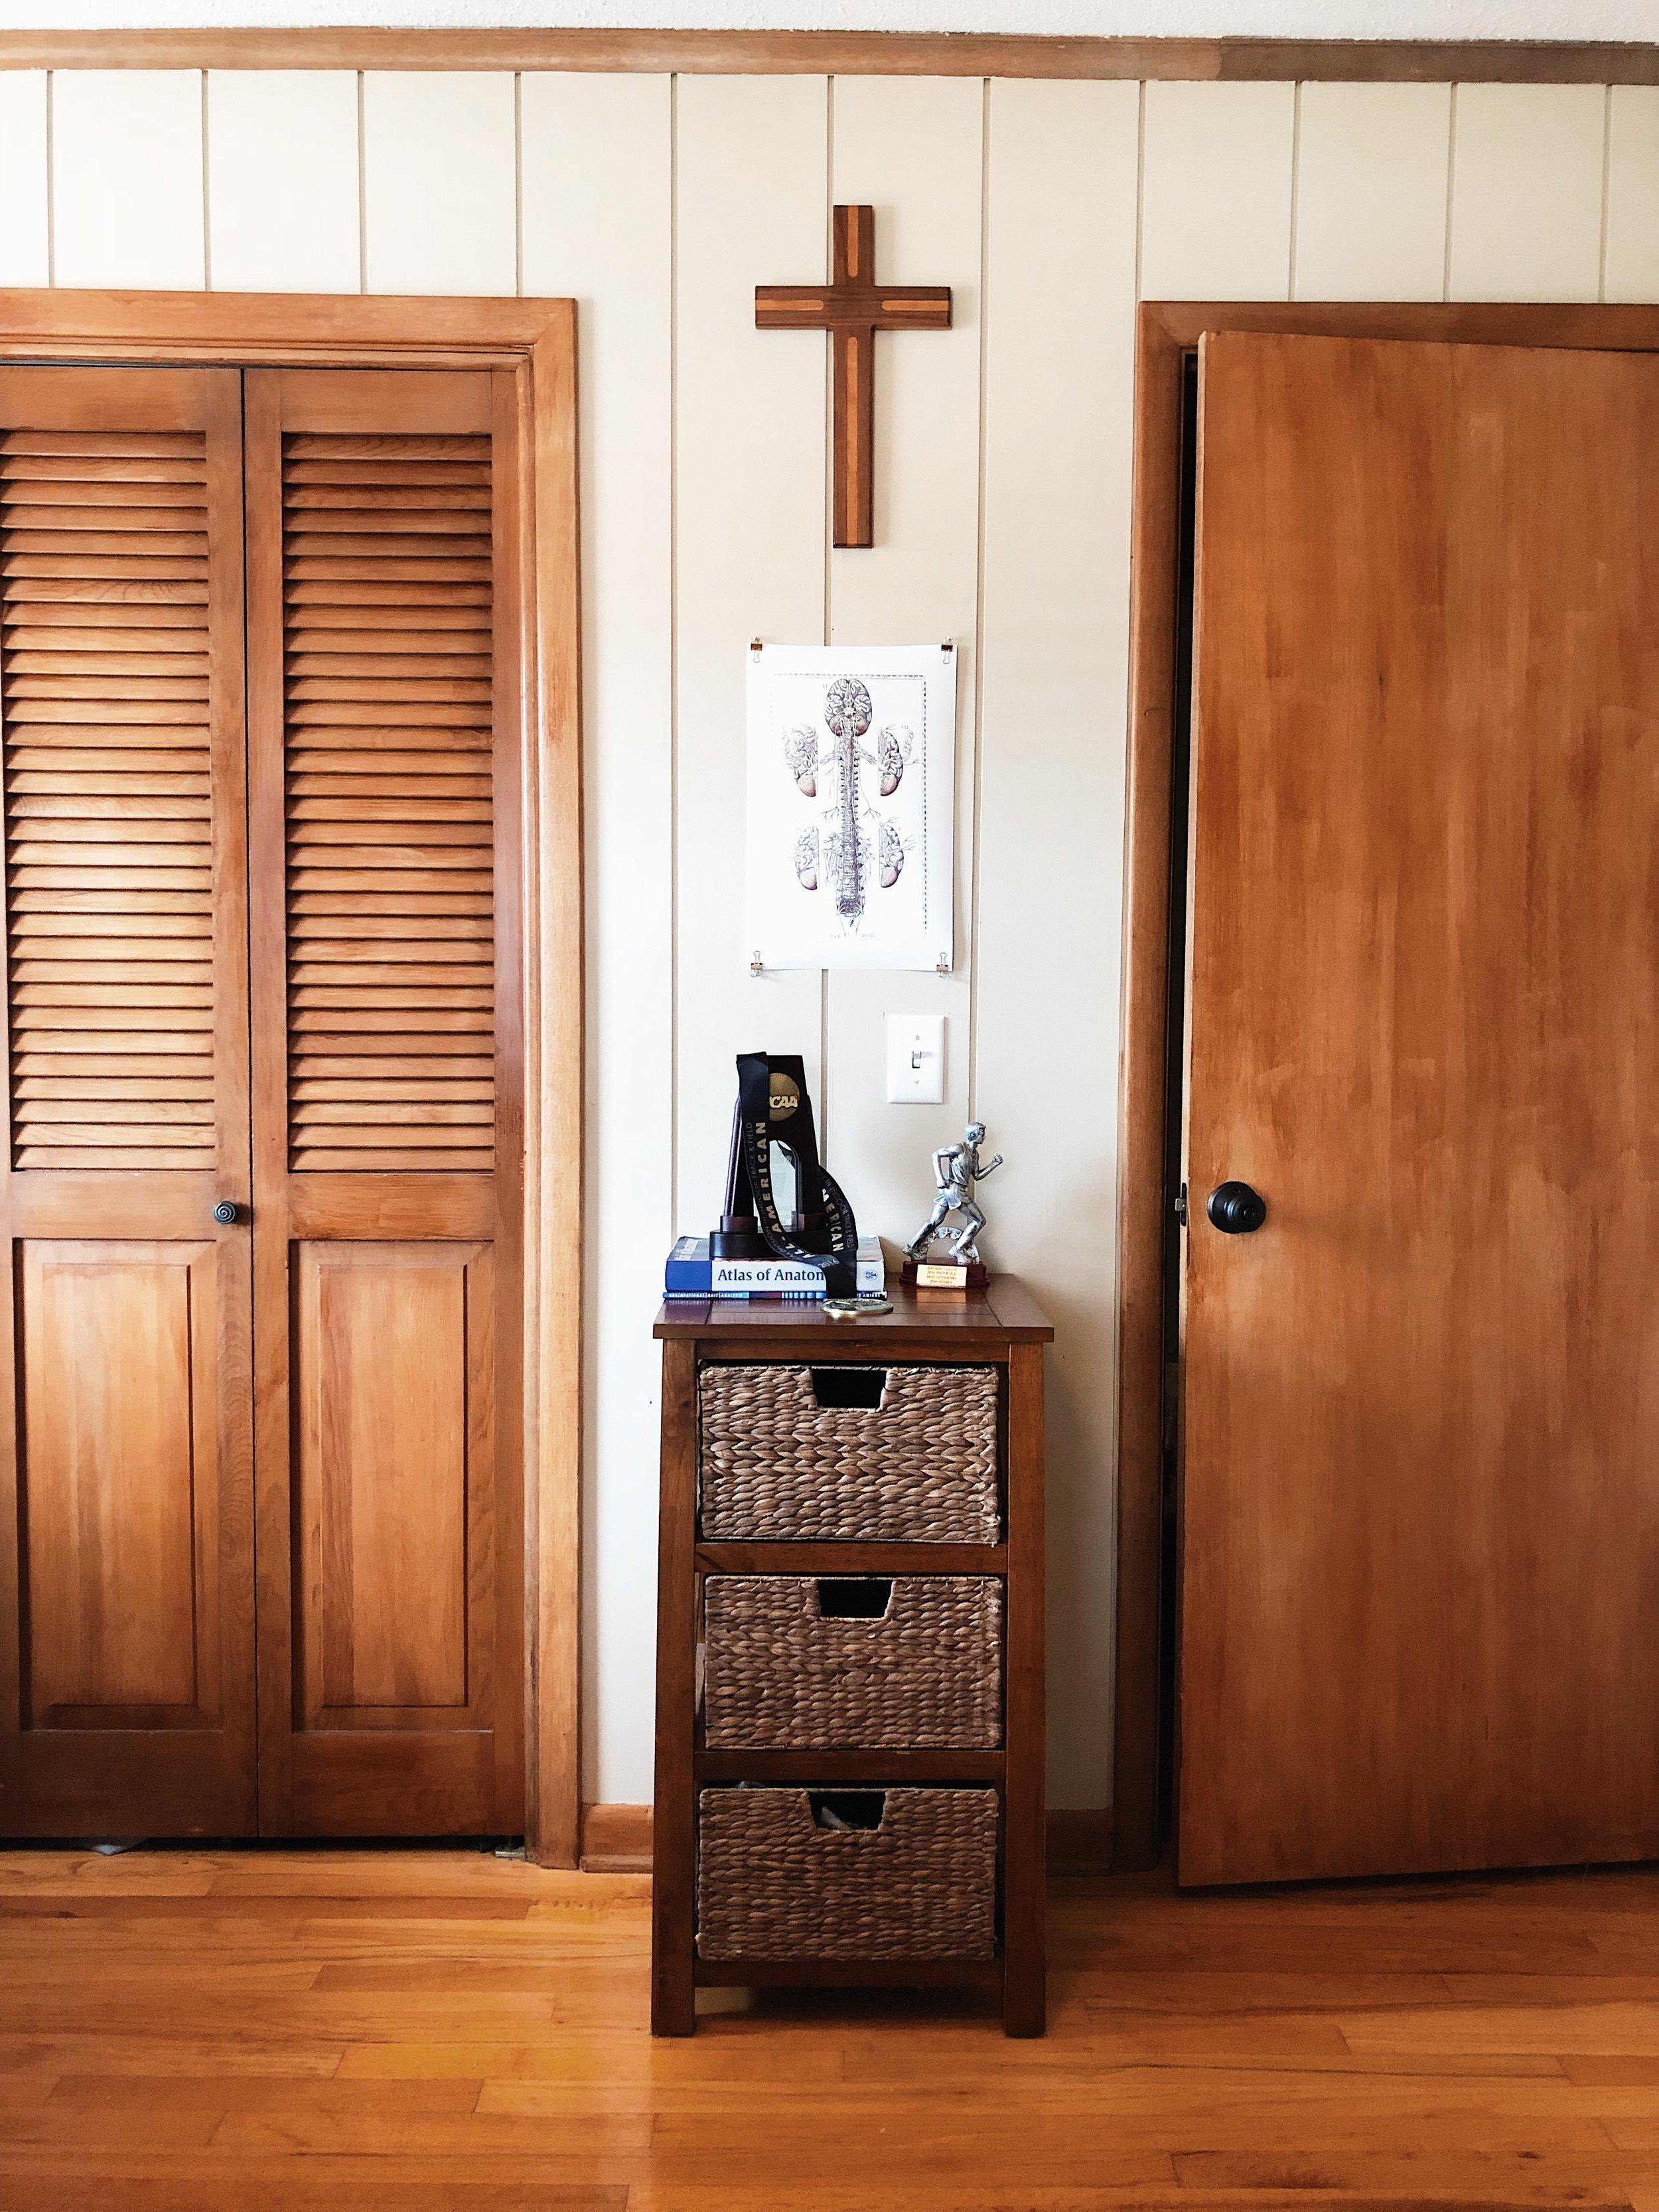 college-guy-bedroom-cross-doors-wood-floors-trophy-poster.jpg